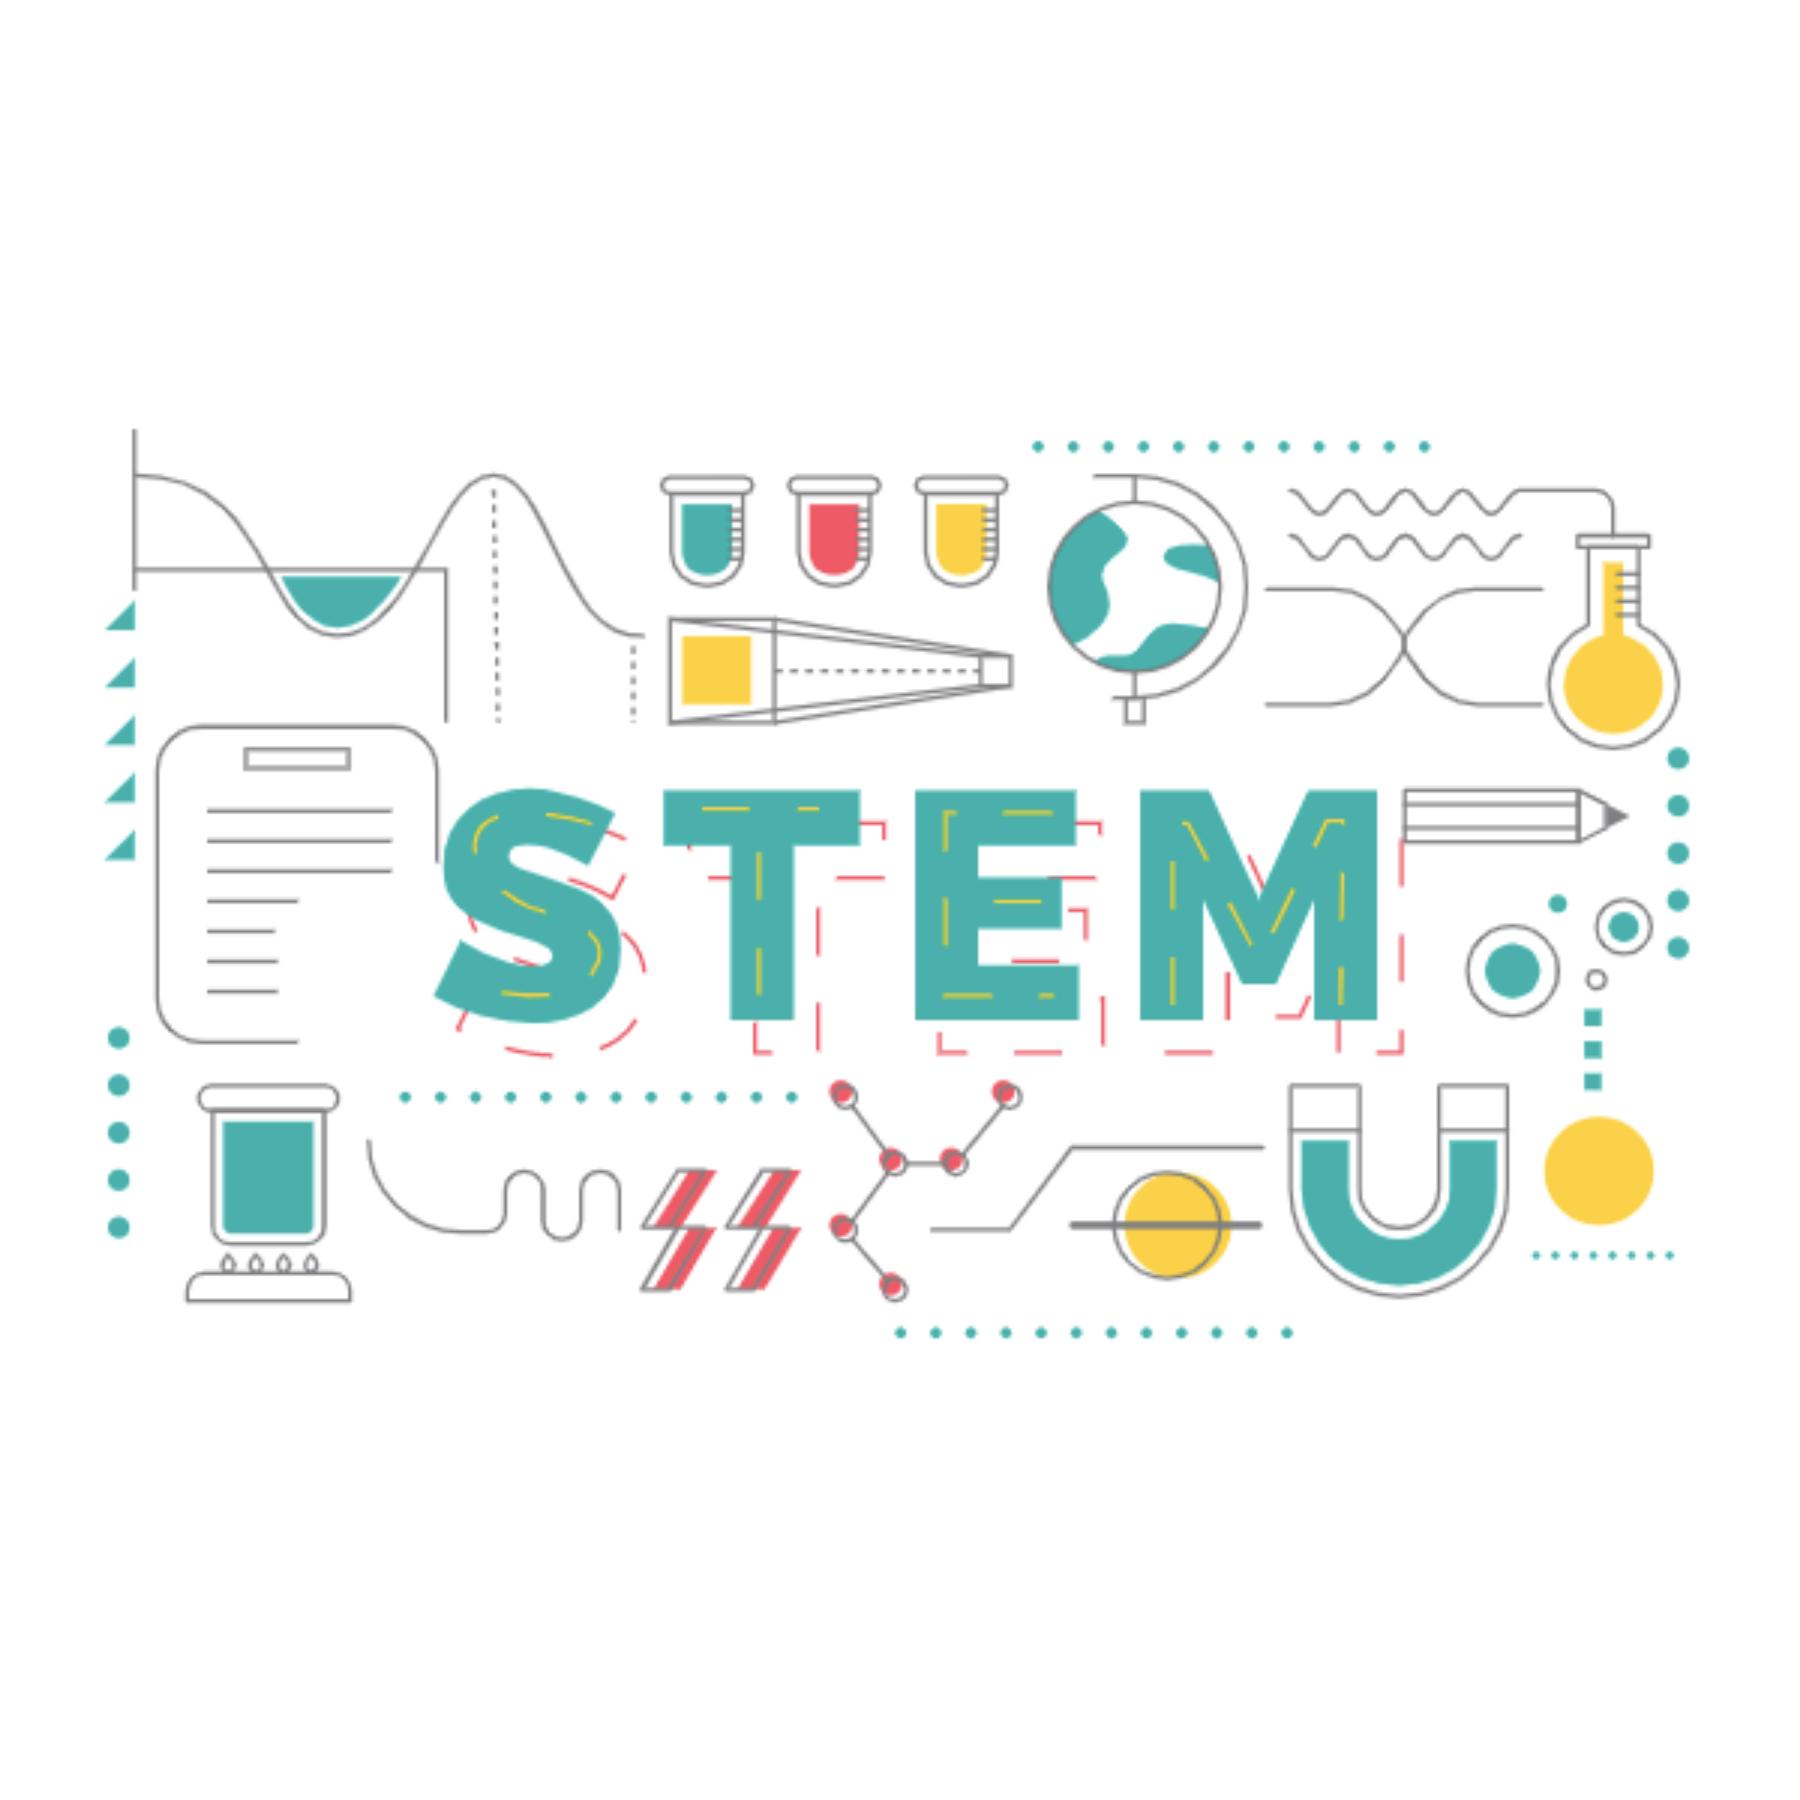 foto ¿Qué son las STEM y por qué son importantes?